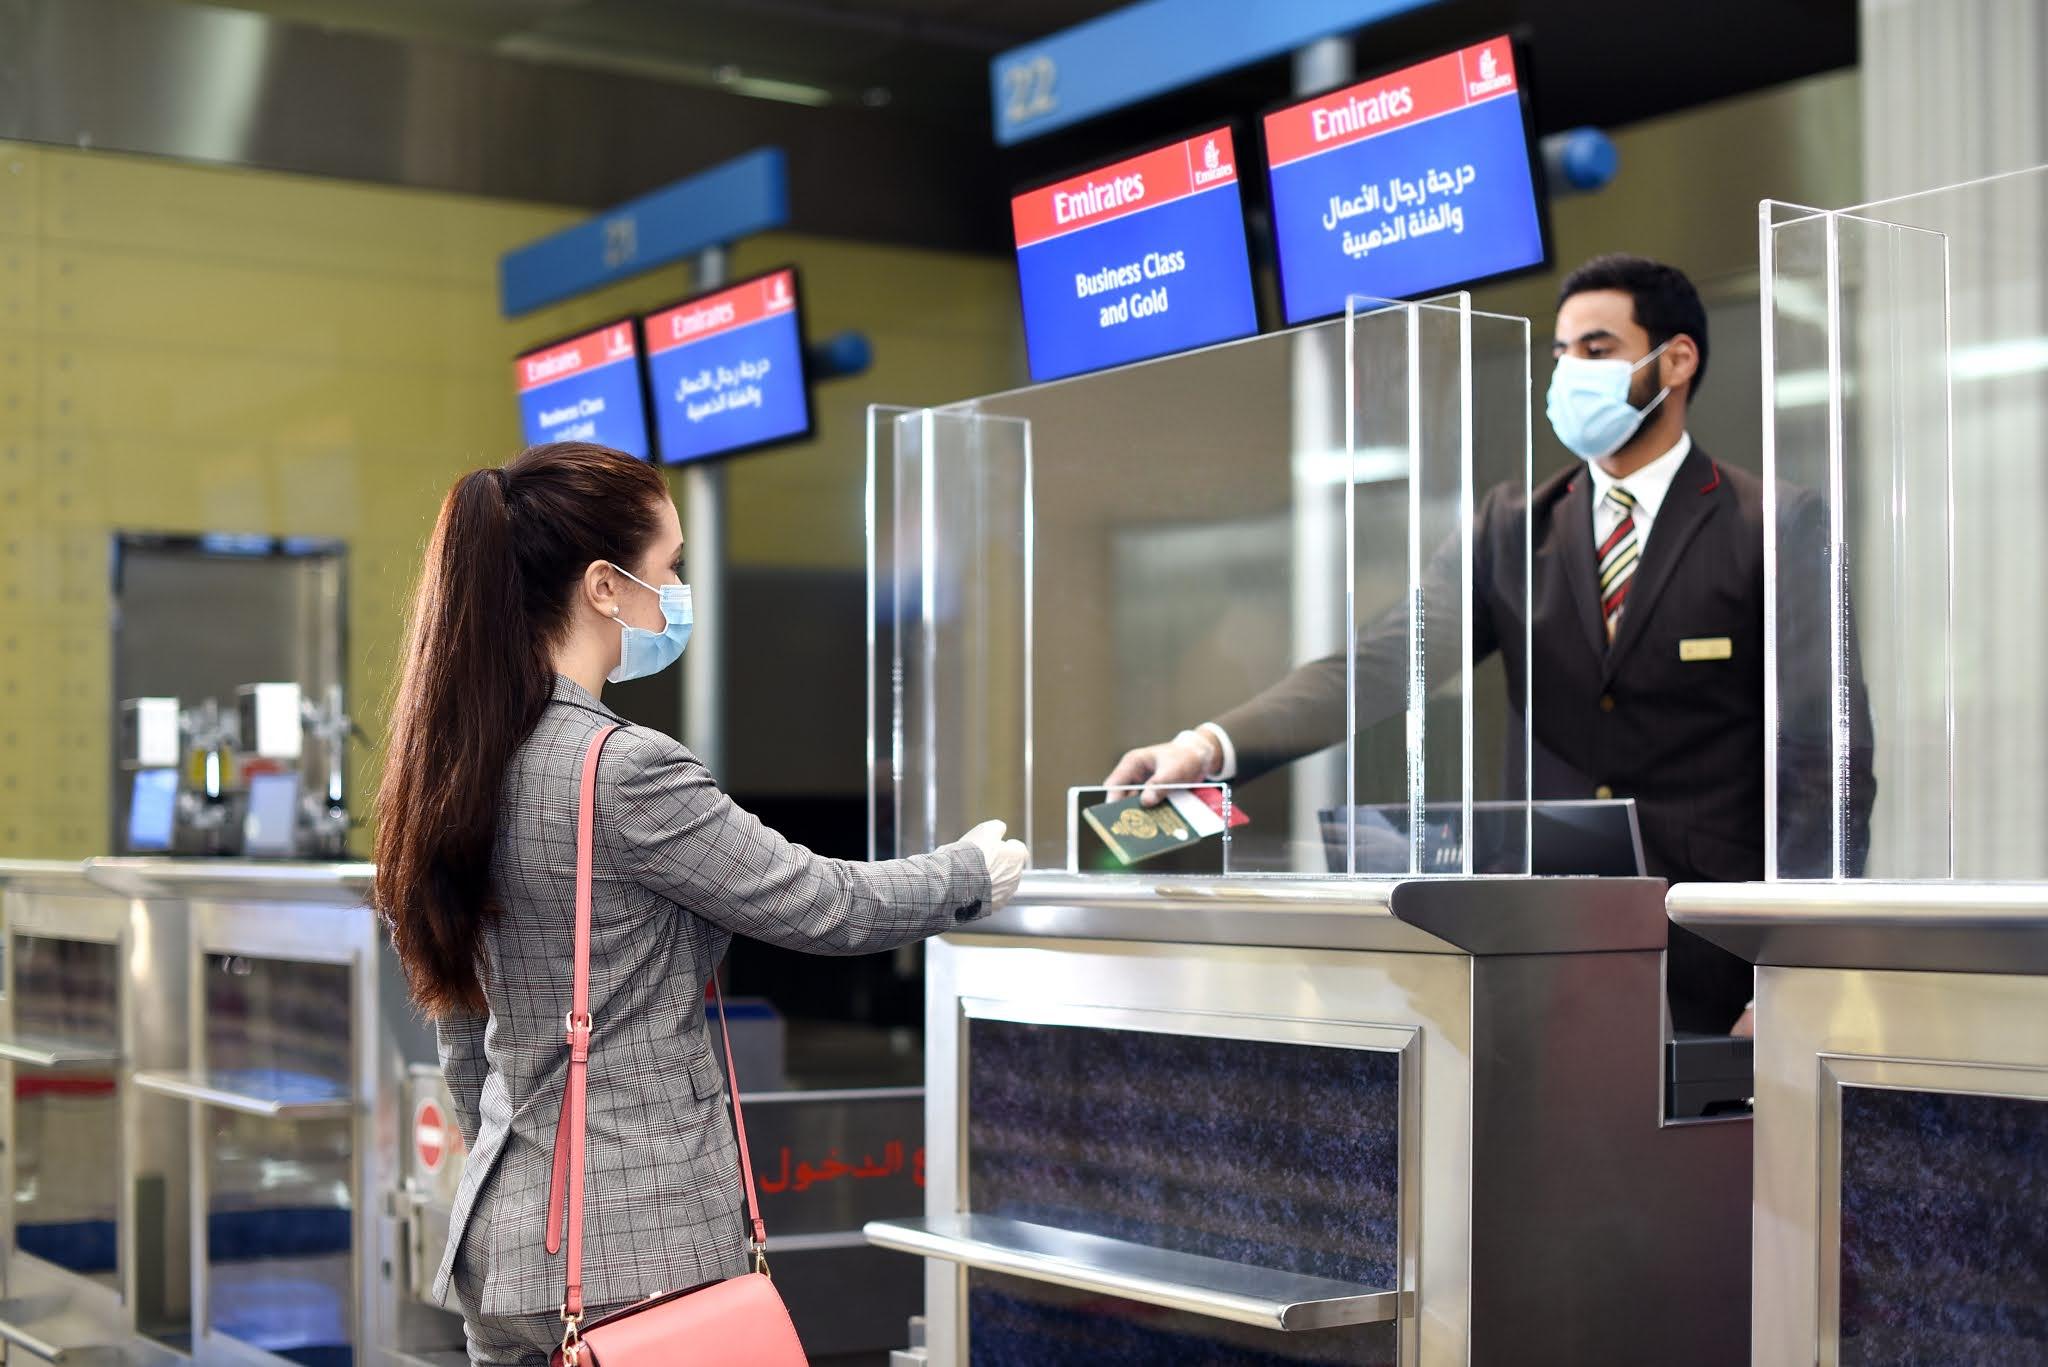 طيران الإمارات تحتفي باليوم العالمي للشركات الصغيرة والمتوسطة